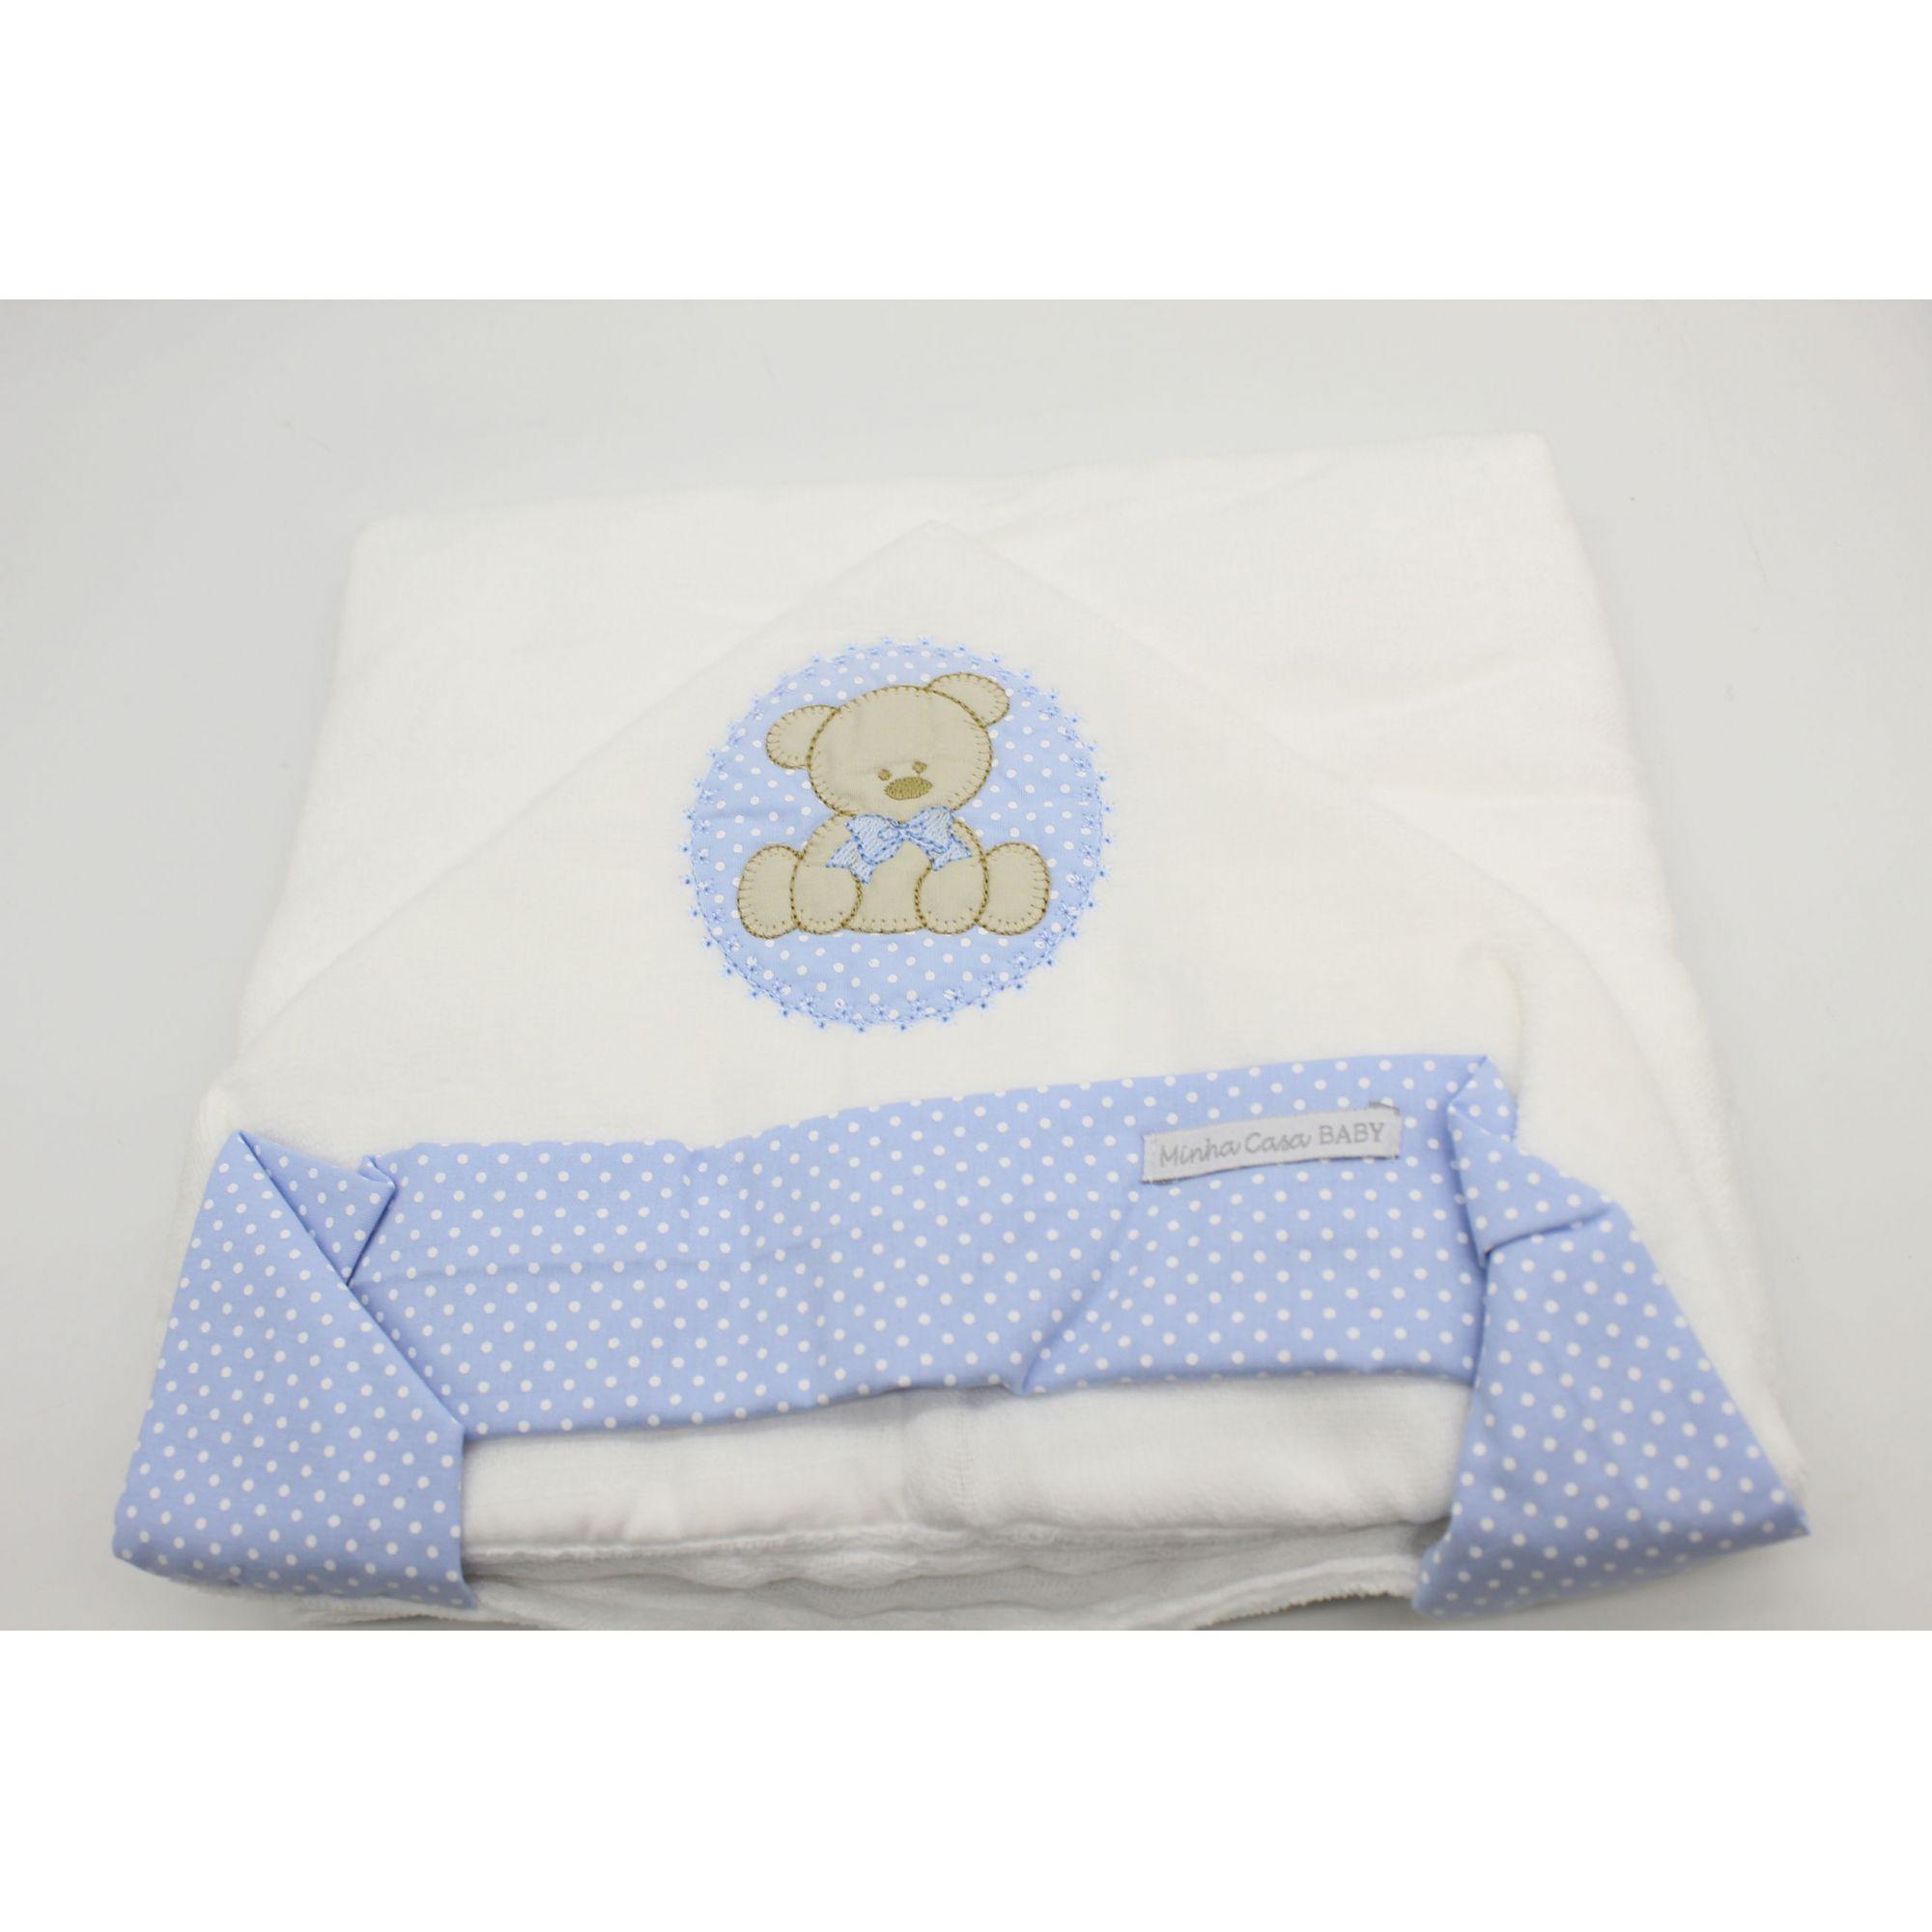 Toalha de Banho c/ Capuz Felpa Urso Bolacha Azul - Minha Casa Baby Ref Tbf5021